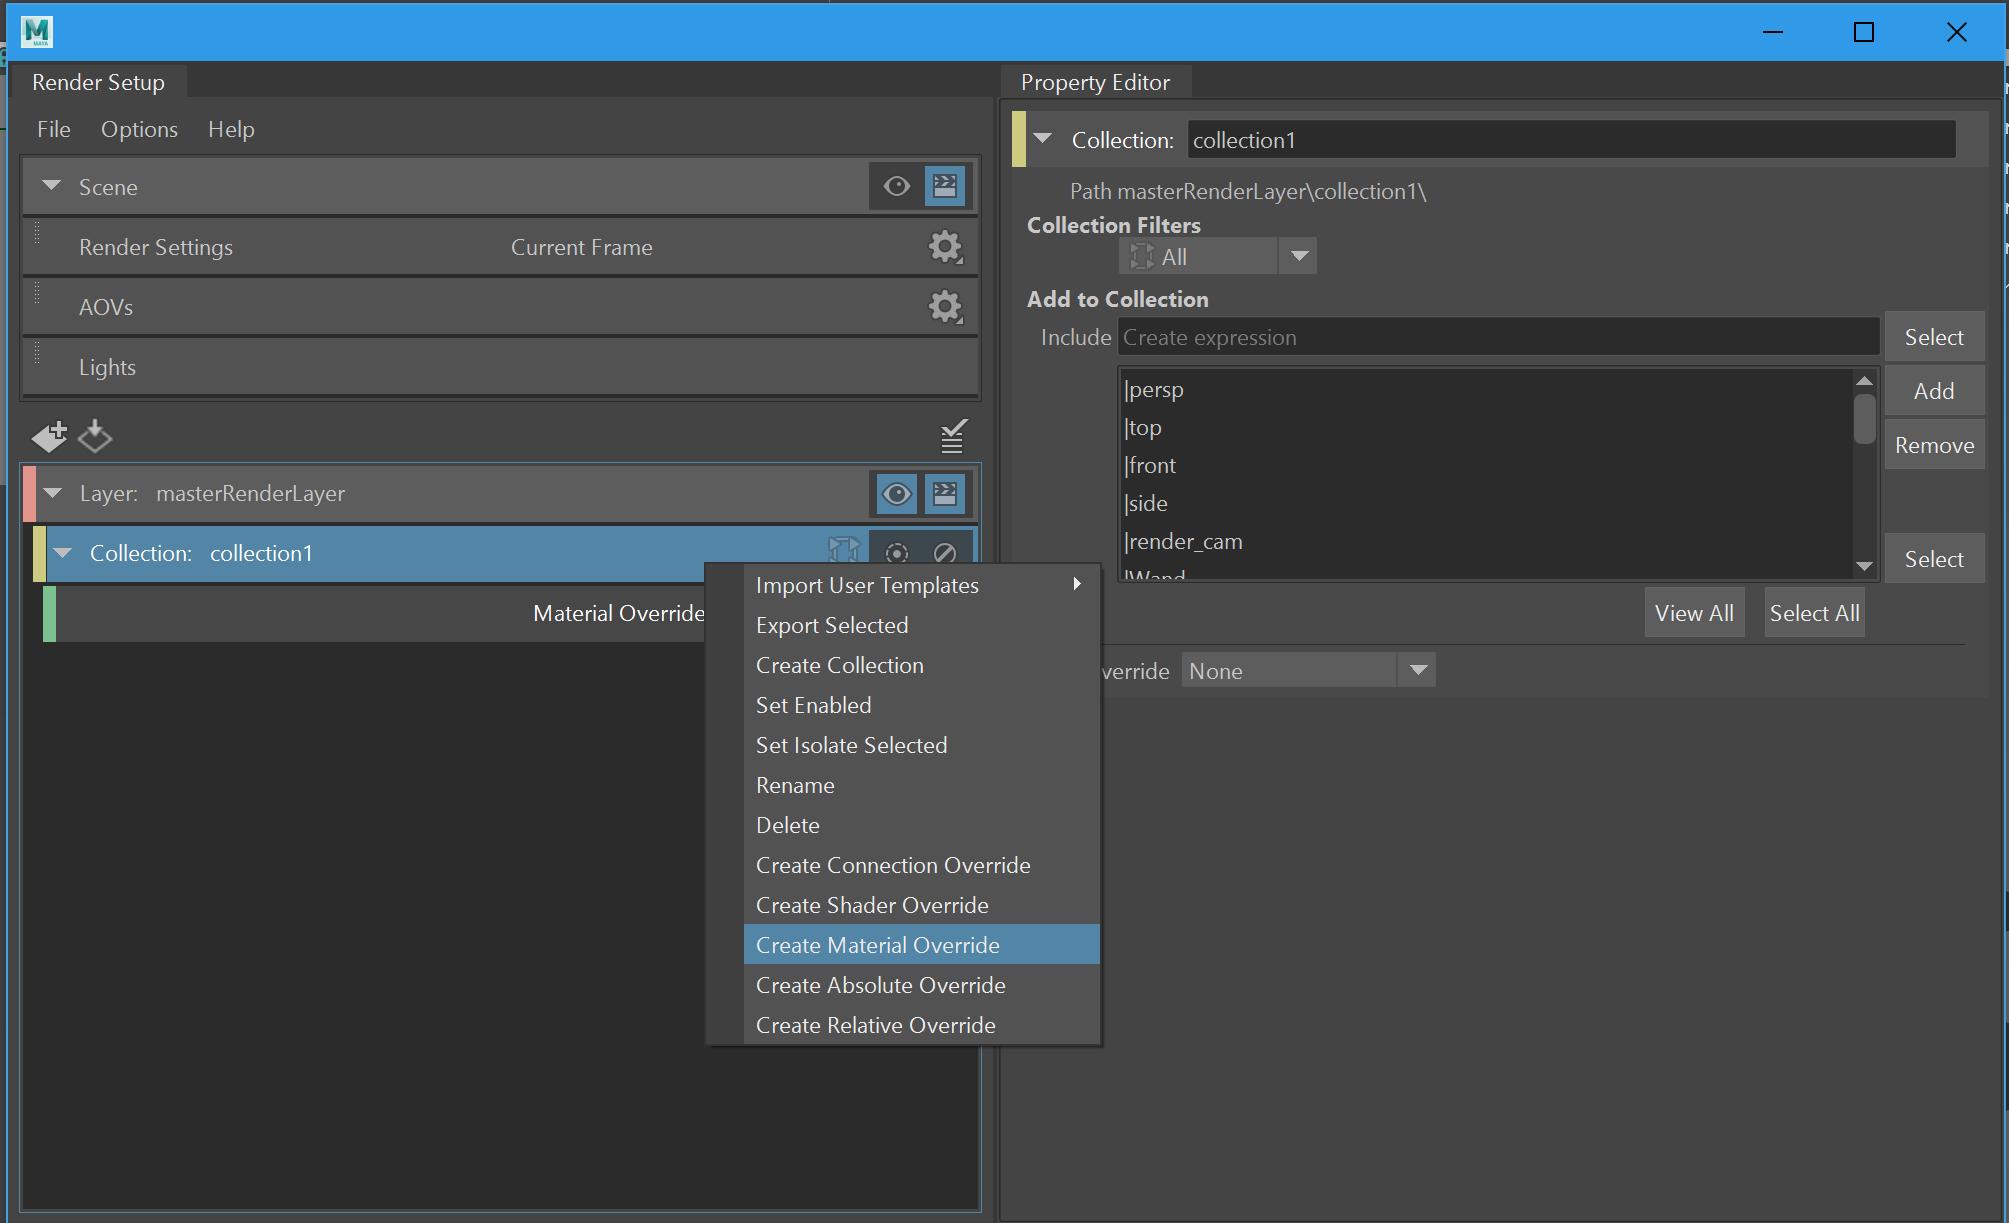 15_render_setup